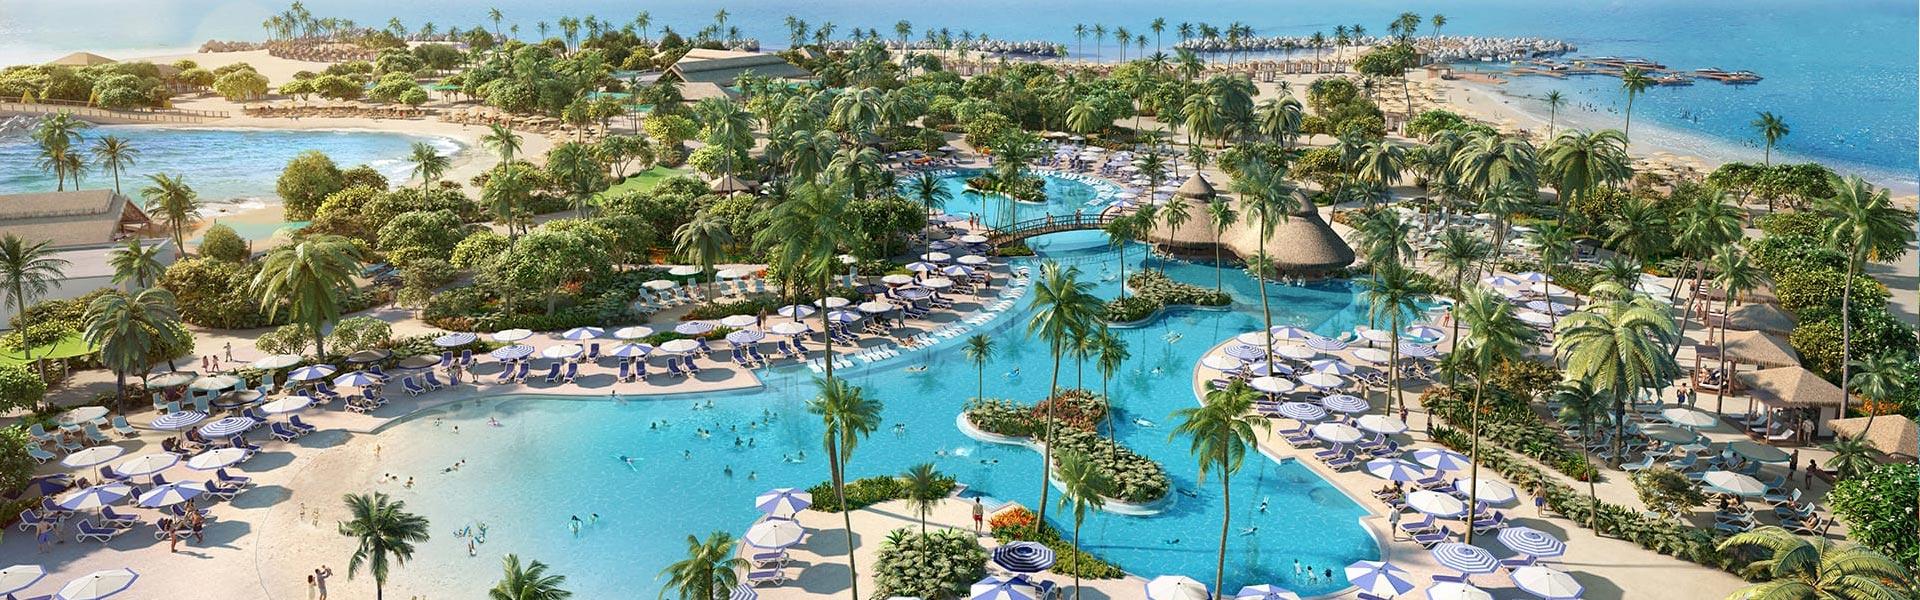 Perfect Day at Coco Cay Royal Caribbean